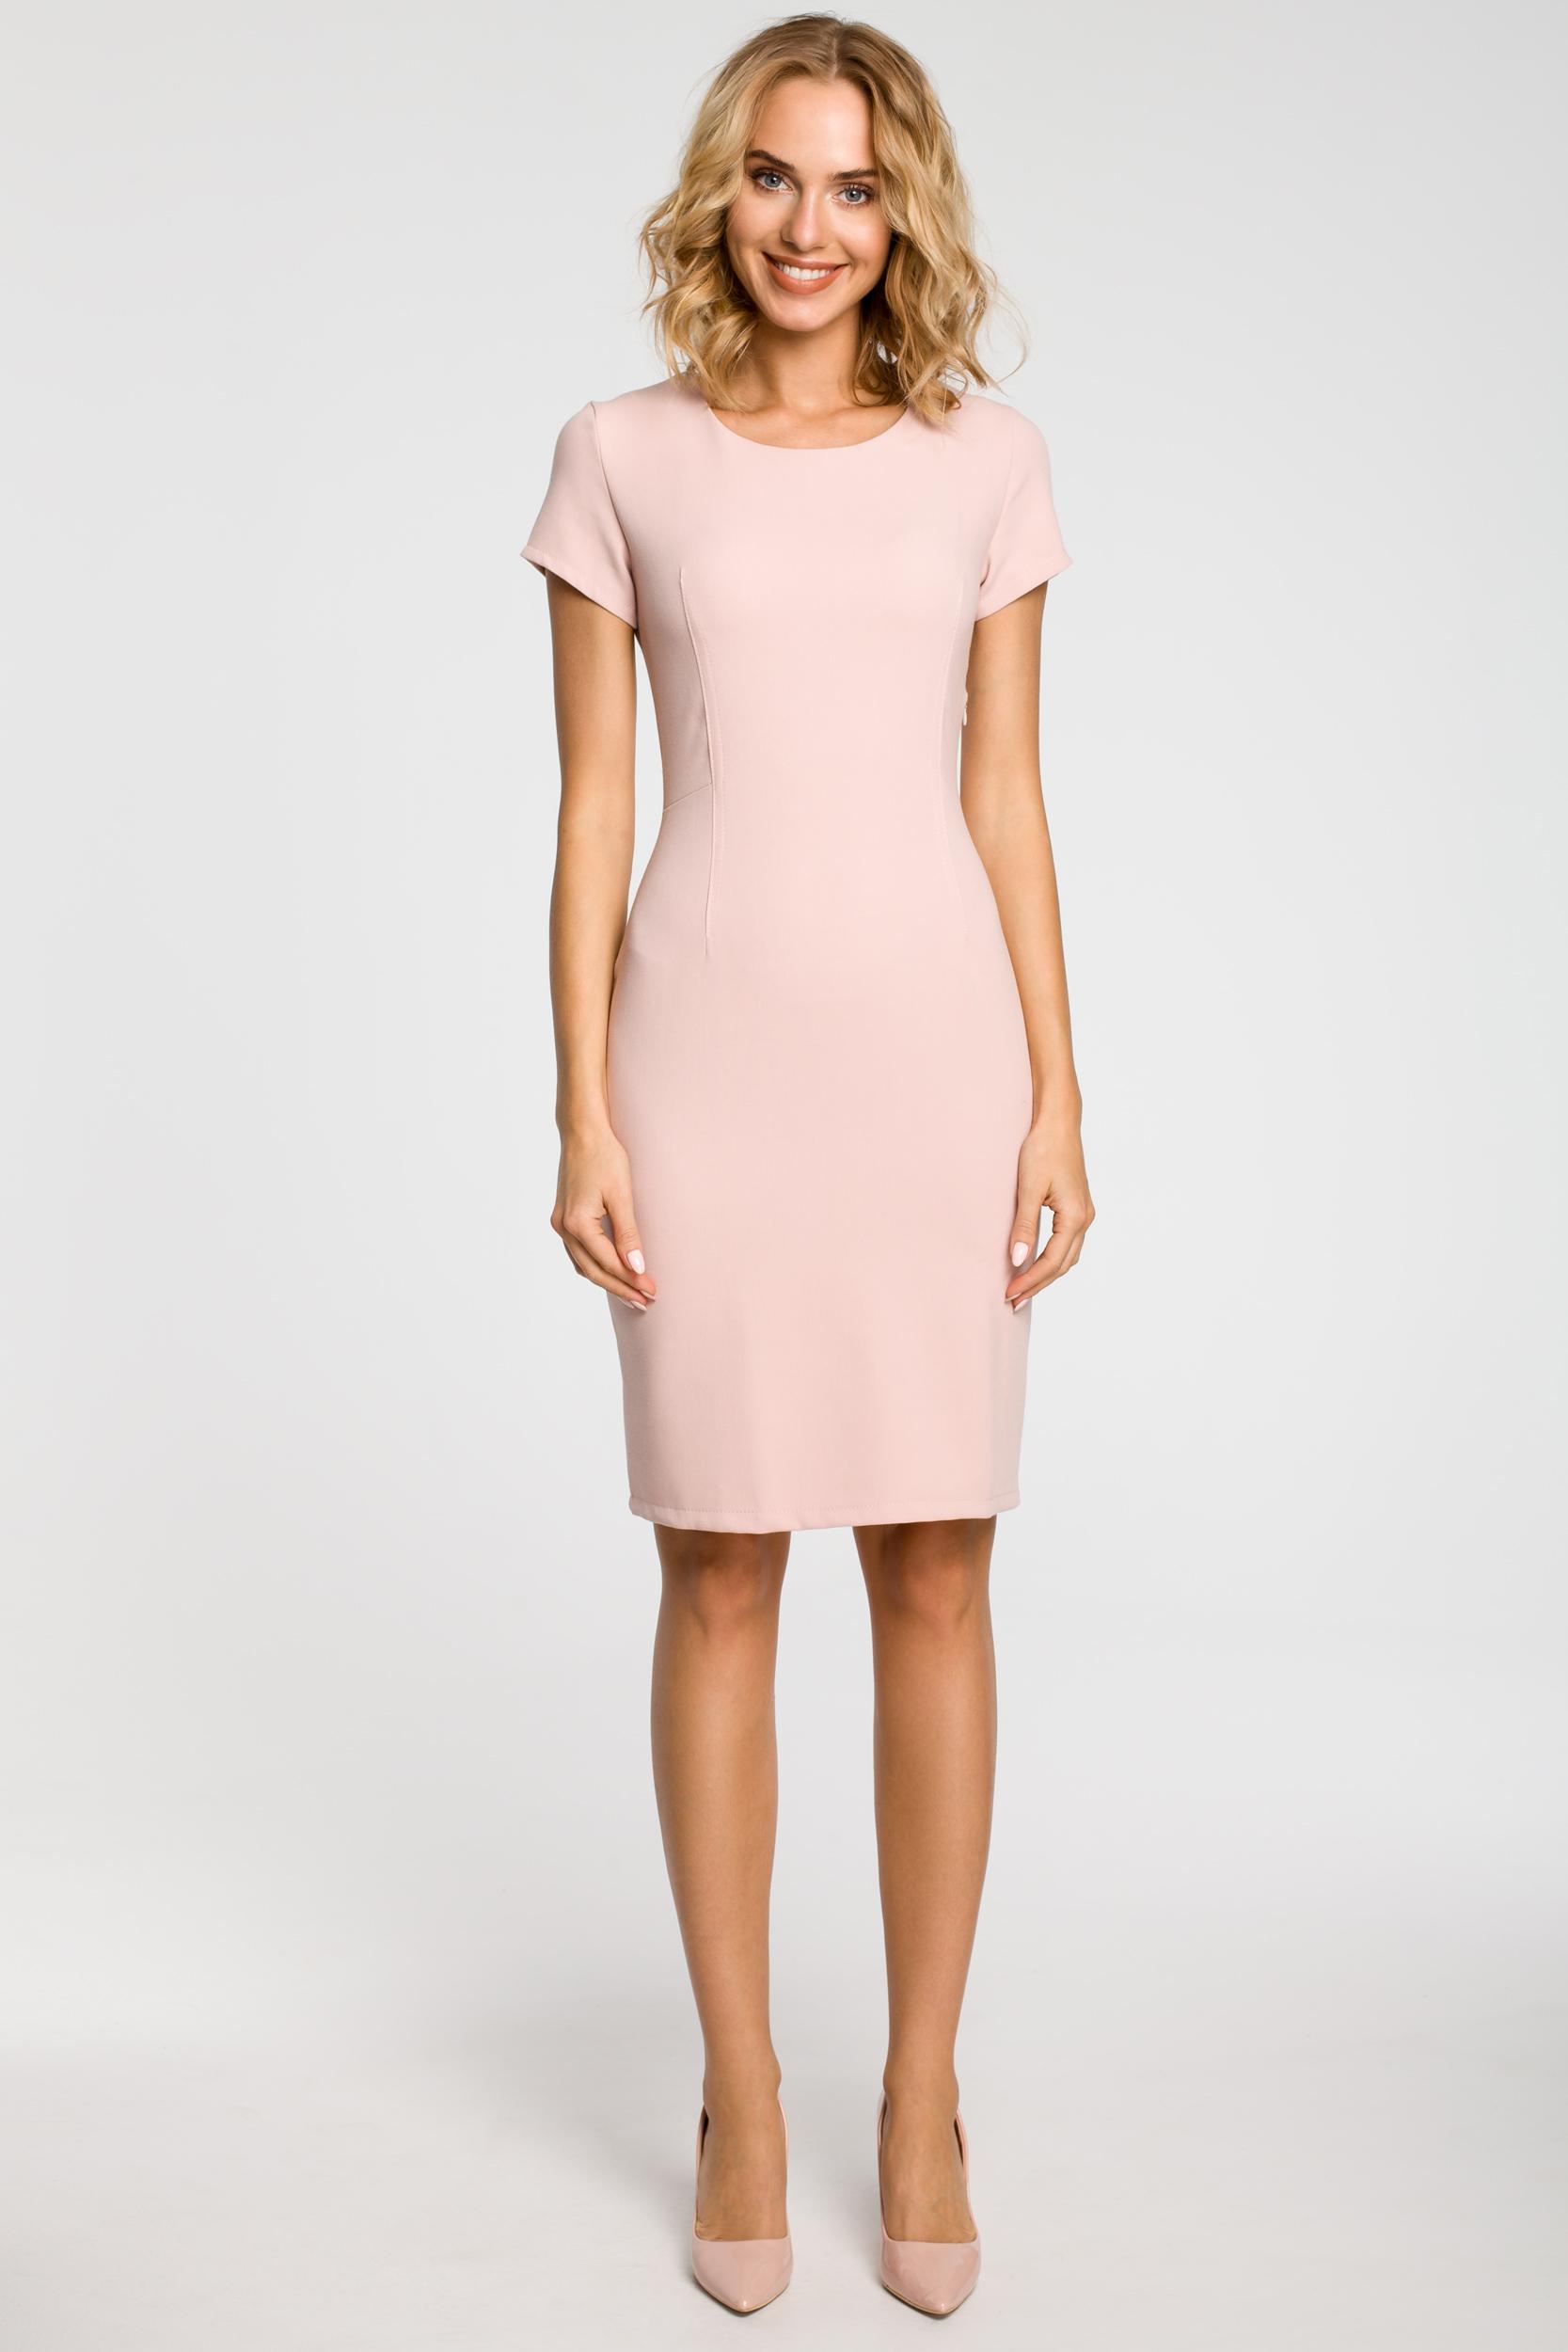 CM1800 Klasyczna gładka sukienka wieczorowa - pudrowa